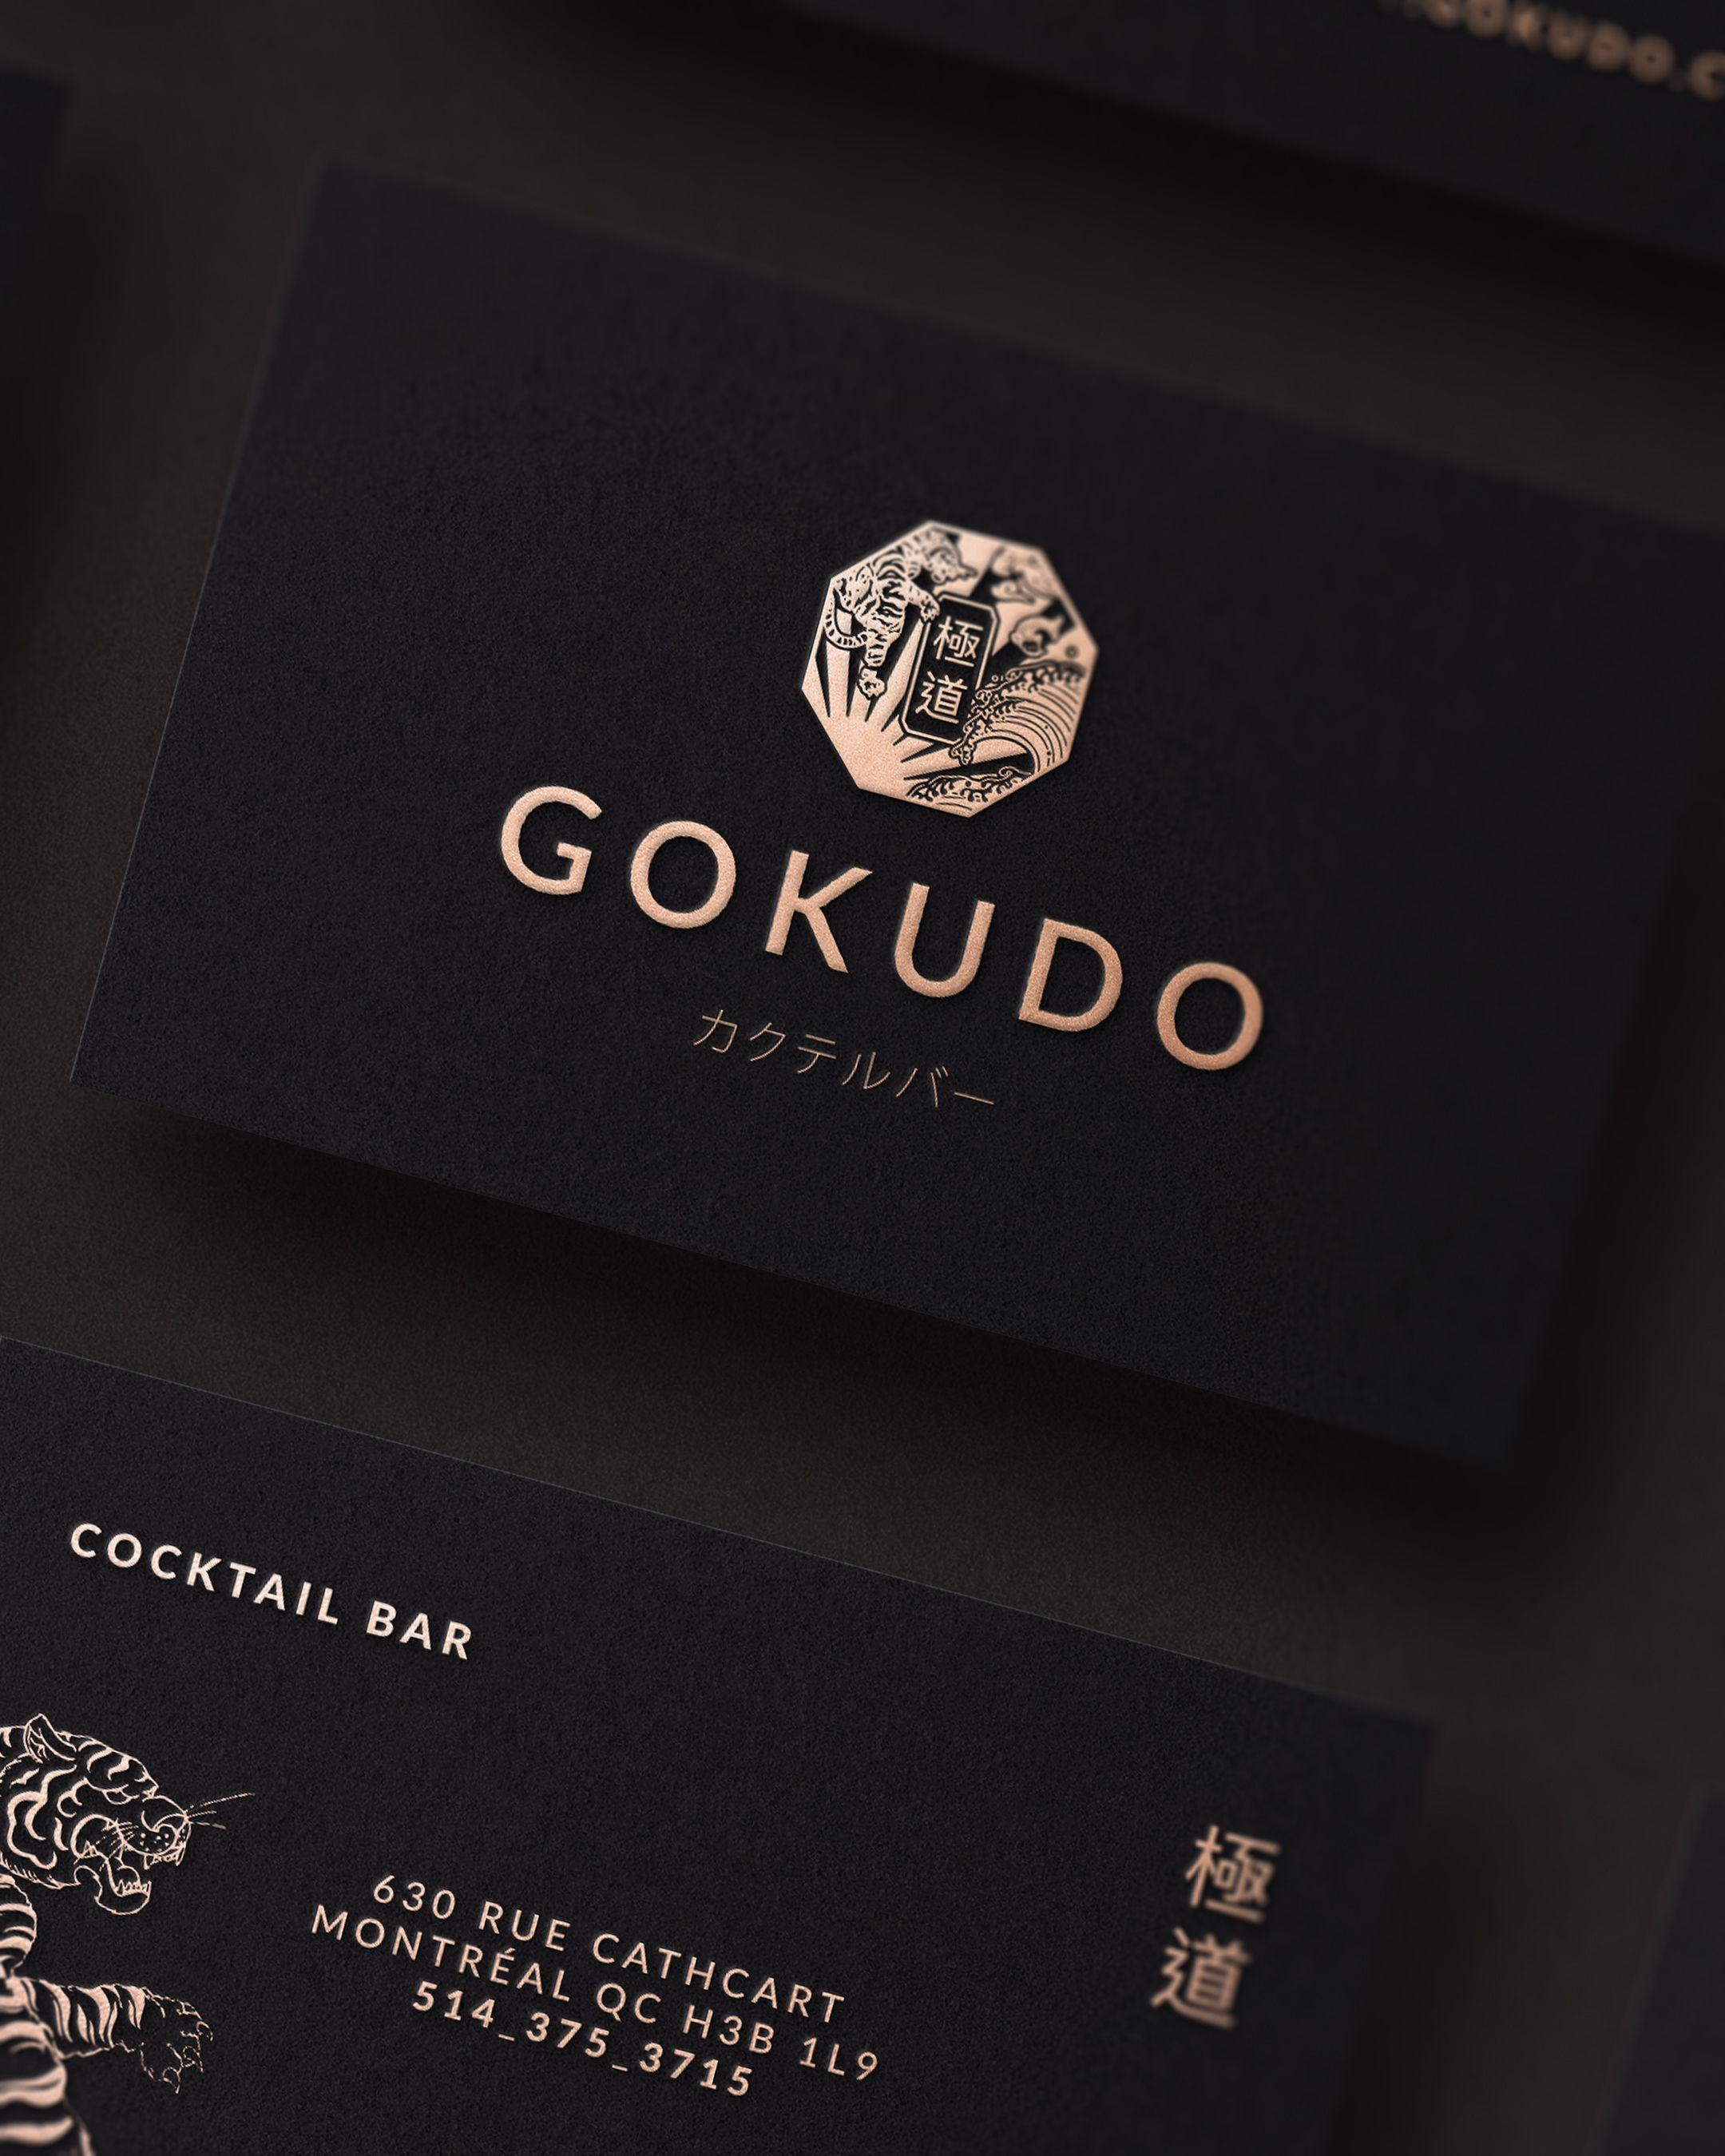 Japanese Inspired Business Card Logo Design Thisiskromad Kromad Br Business Card Logo Design Graphic Design Cards Graphic Design Inspiration Business